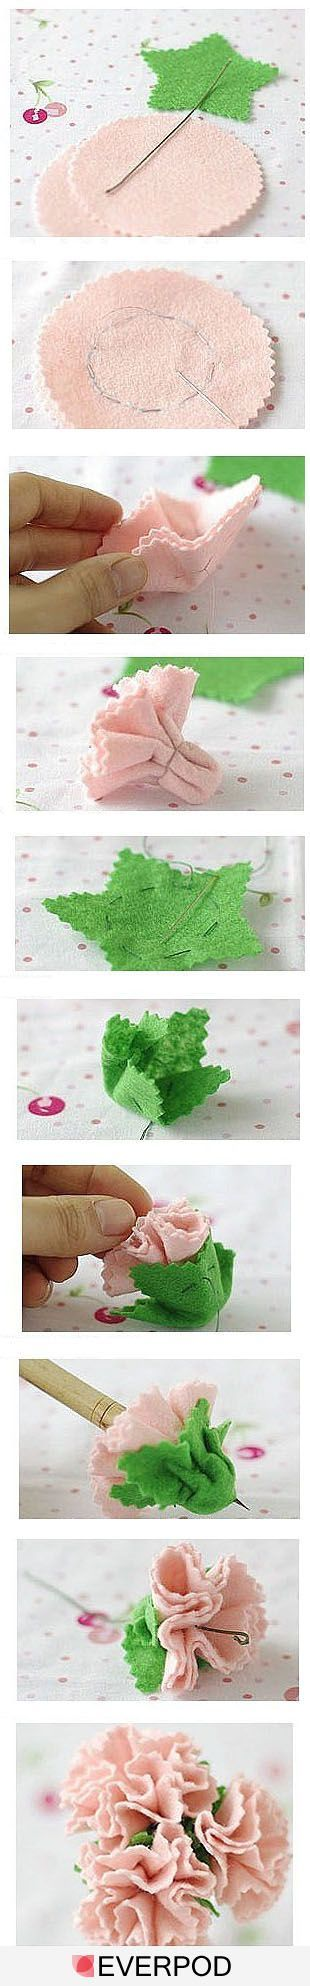 Flores Bricolaje - ninguna palabra tutorial, pero las fotos son bastante claro .... http://96195.com/pic-669.html: